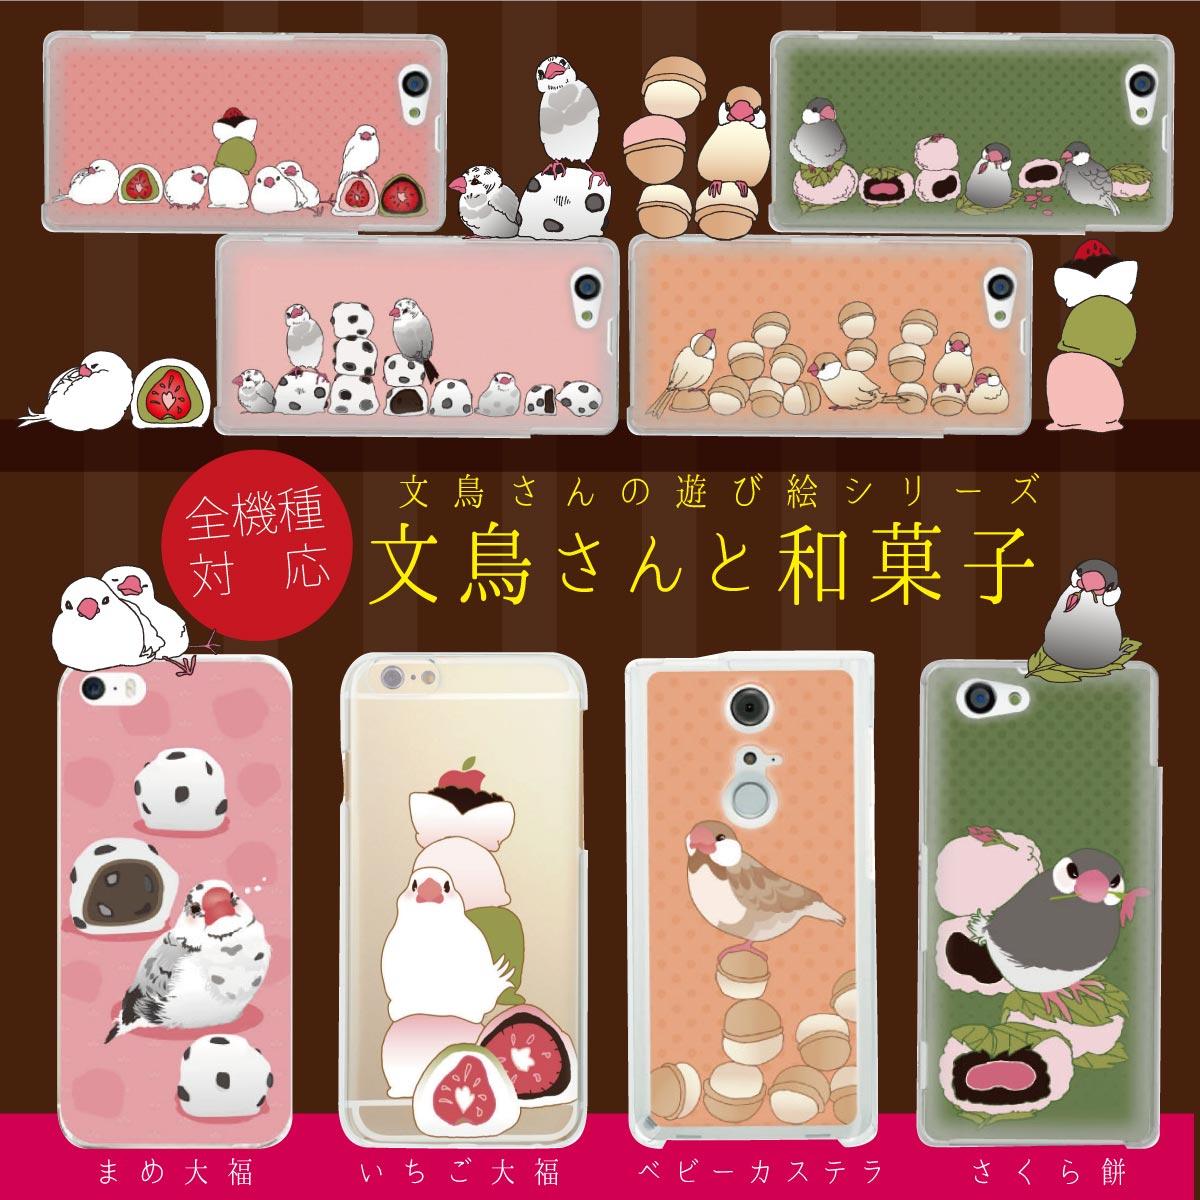 スマホケース 全機種対応 ケース カバー ハードケース クリアケースiPhoneX iPhone8 iPhone7s Plus iPhone7 iPhone6s iPhone6 Plus iPhone SE 5s Xperia XZ1 SO-01K SO-02K XZ so-04j XZs so-03j aquos R SH-01K SHV41 文鳥 yoshino 38-zen-06